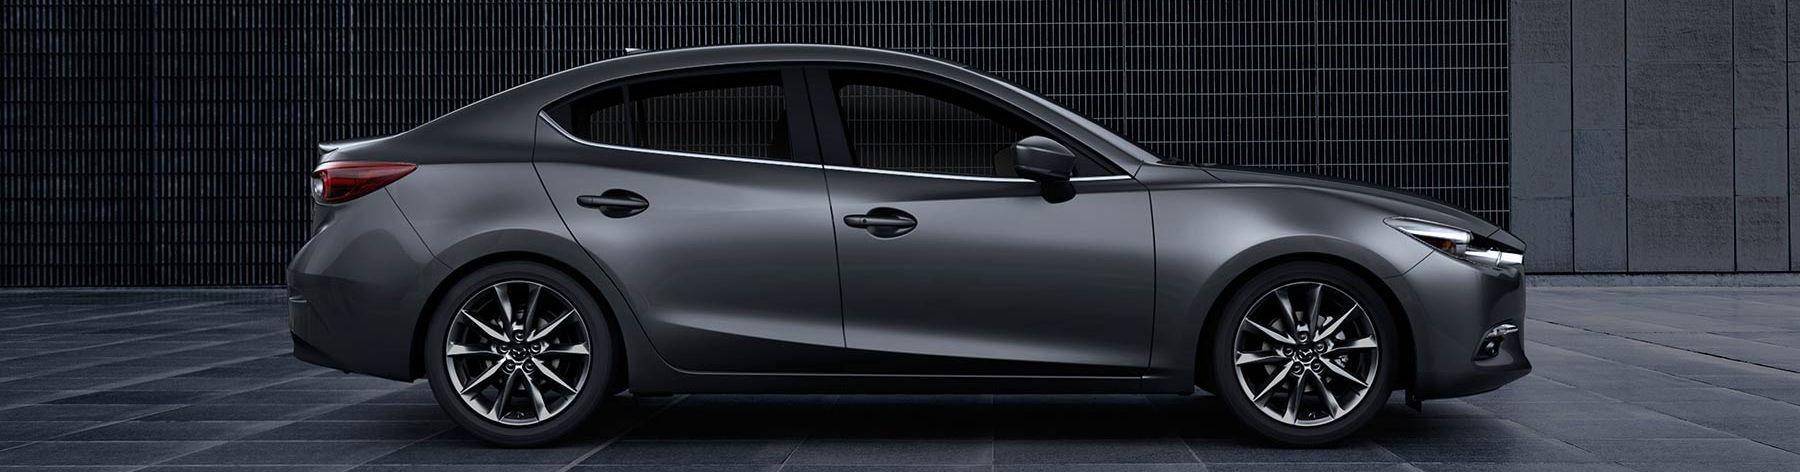 2018 Mazda3 Financing near Sacramento, CA - Mazda of Elk Grove